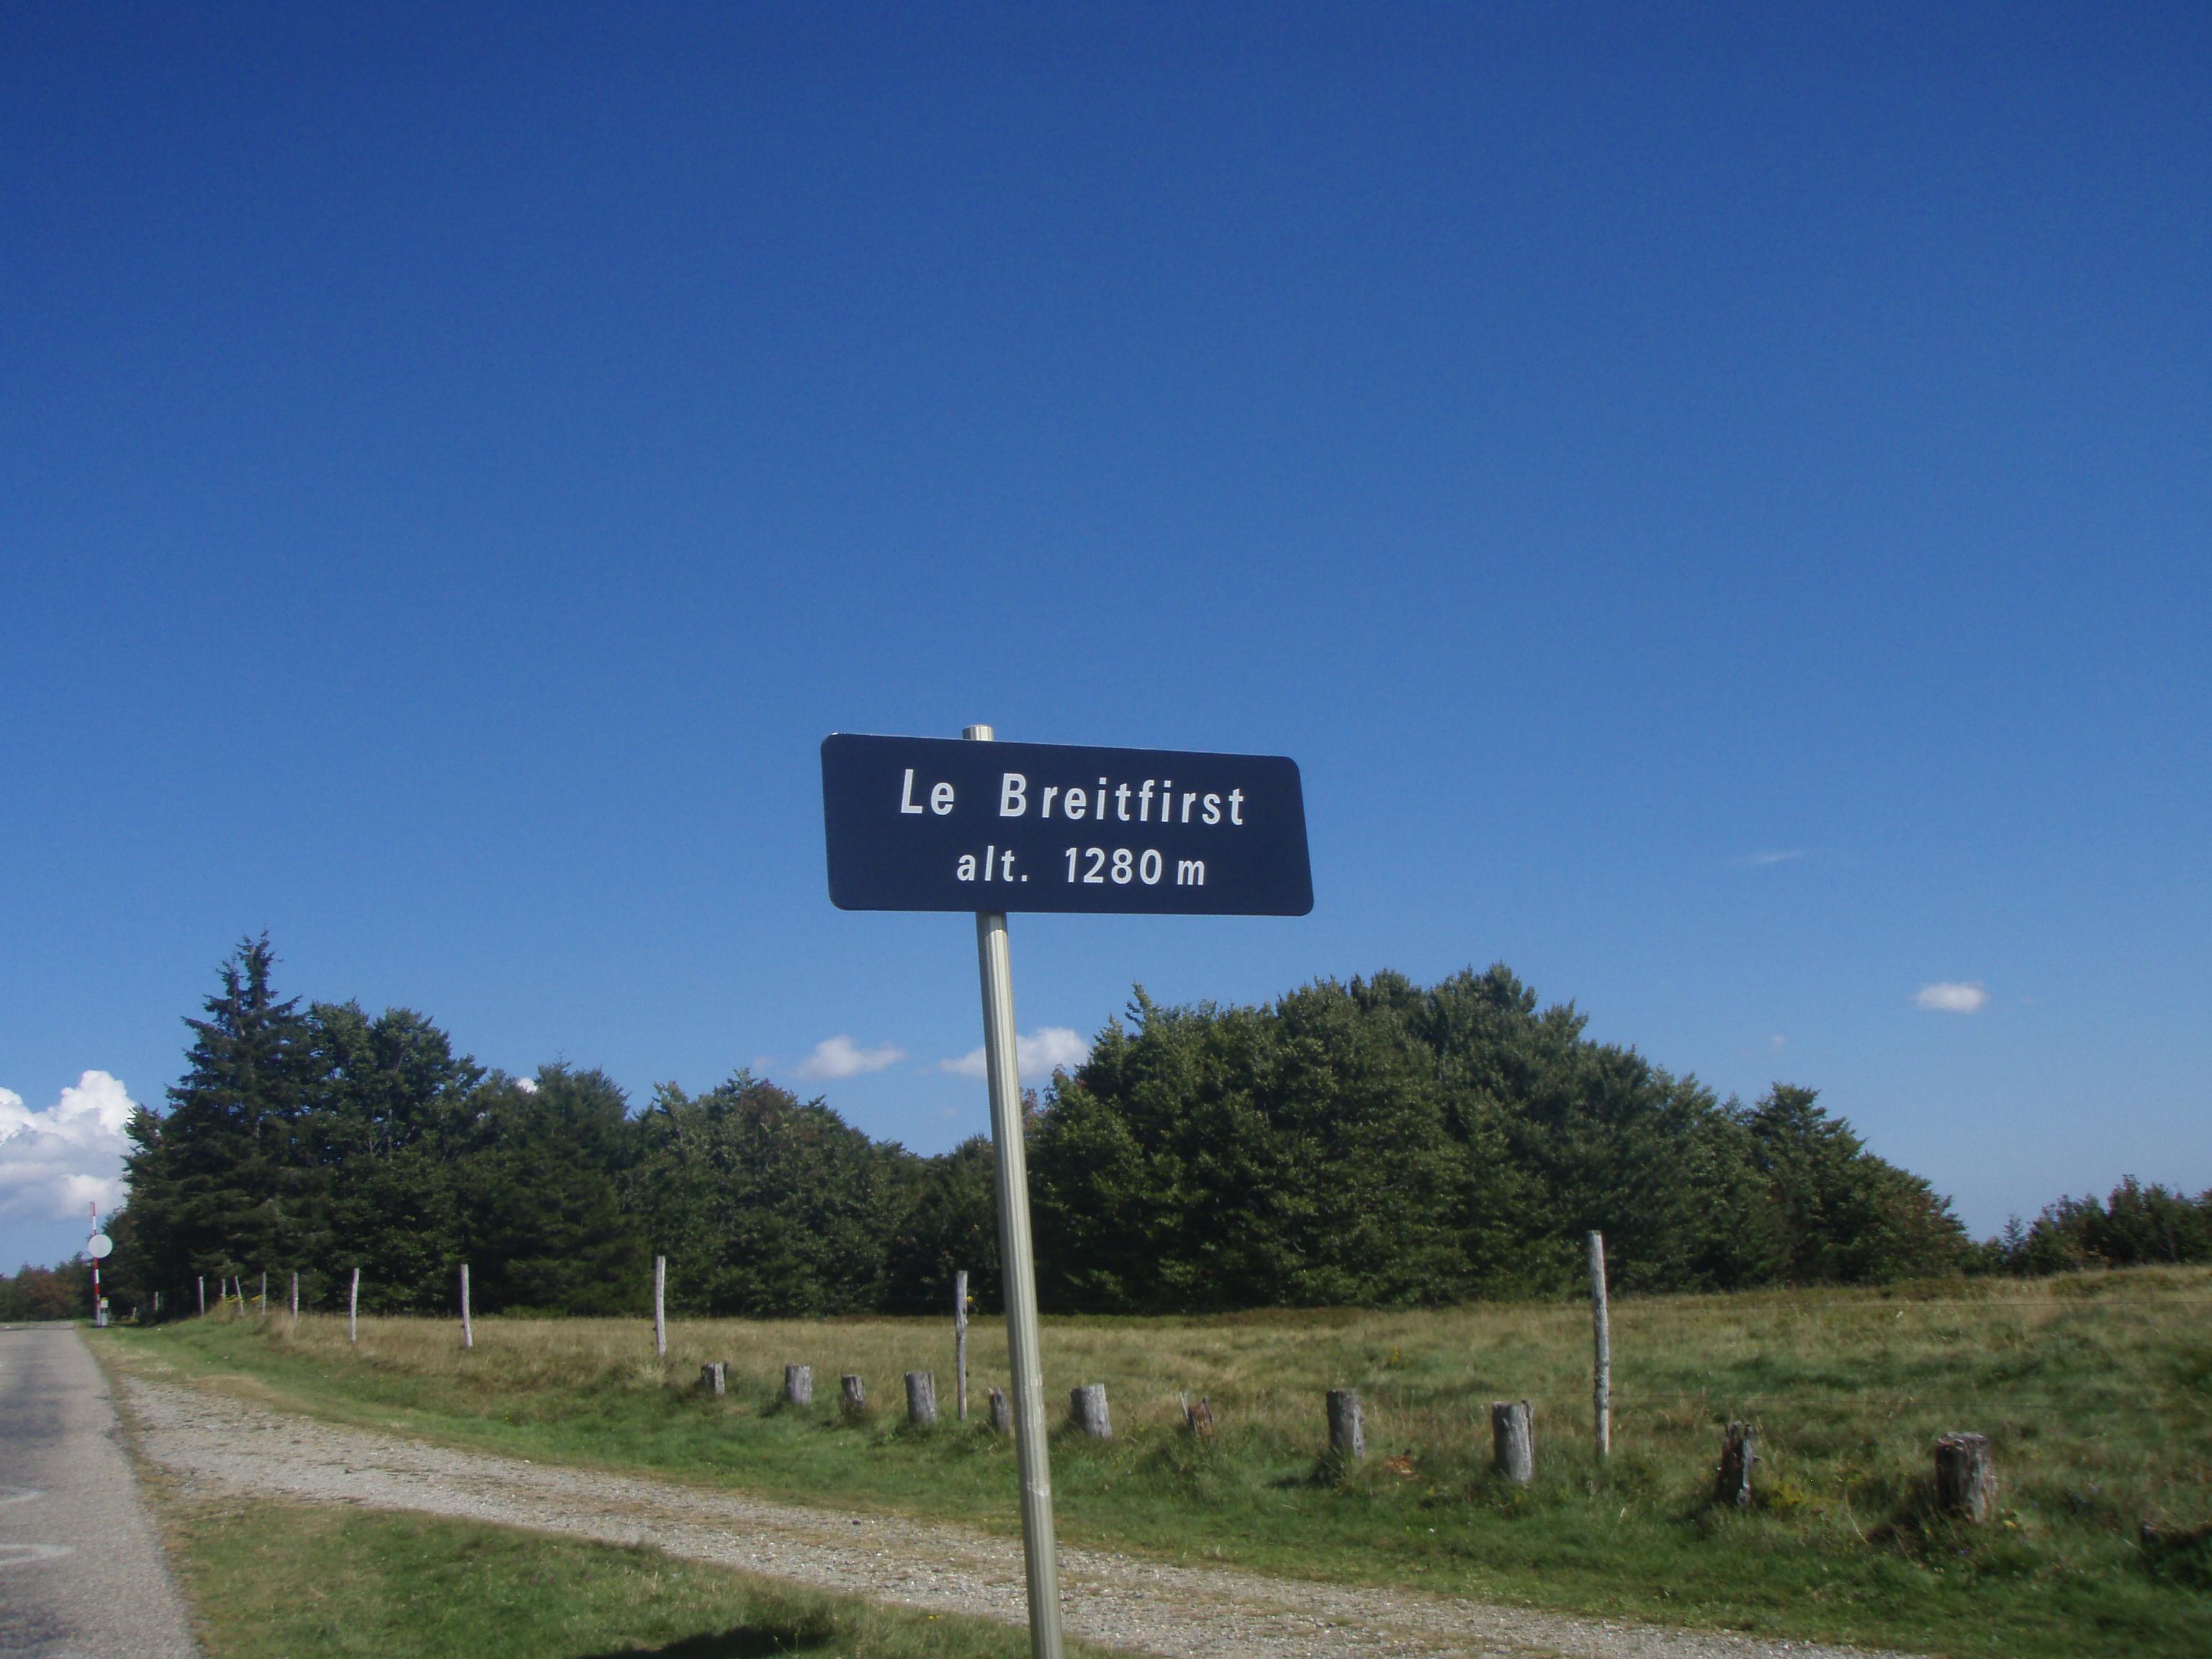 Le Breitfirst